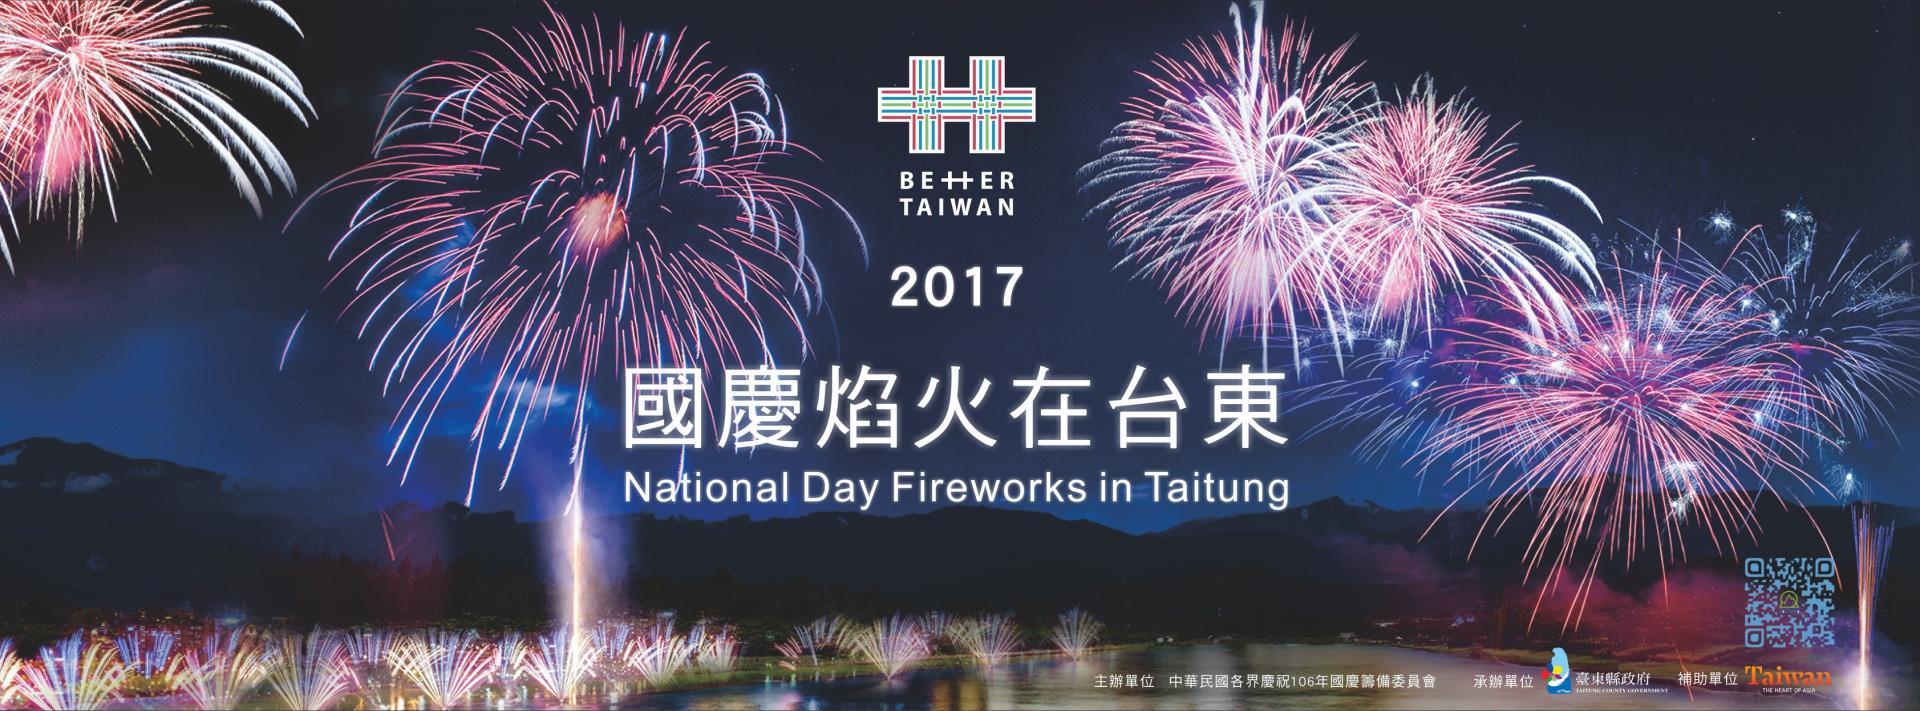 2017國慶煙火施放地點